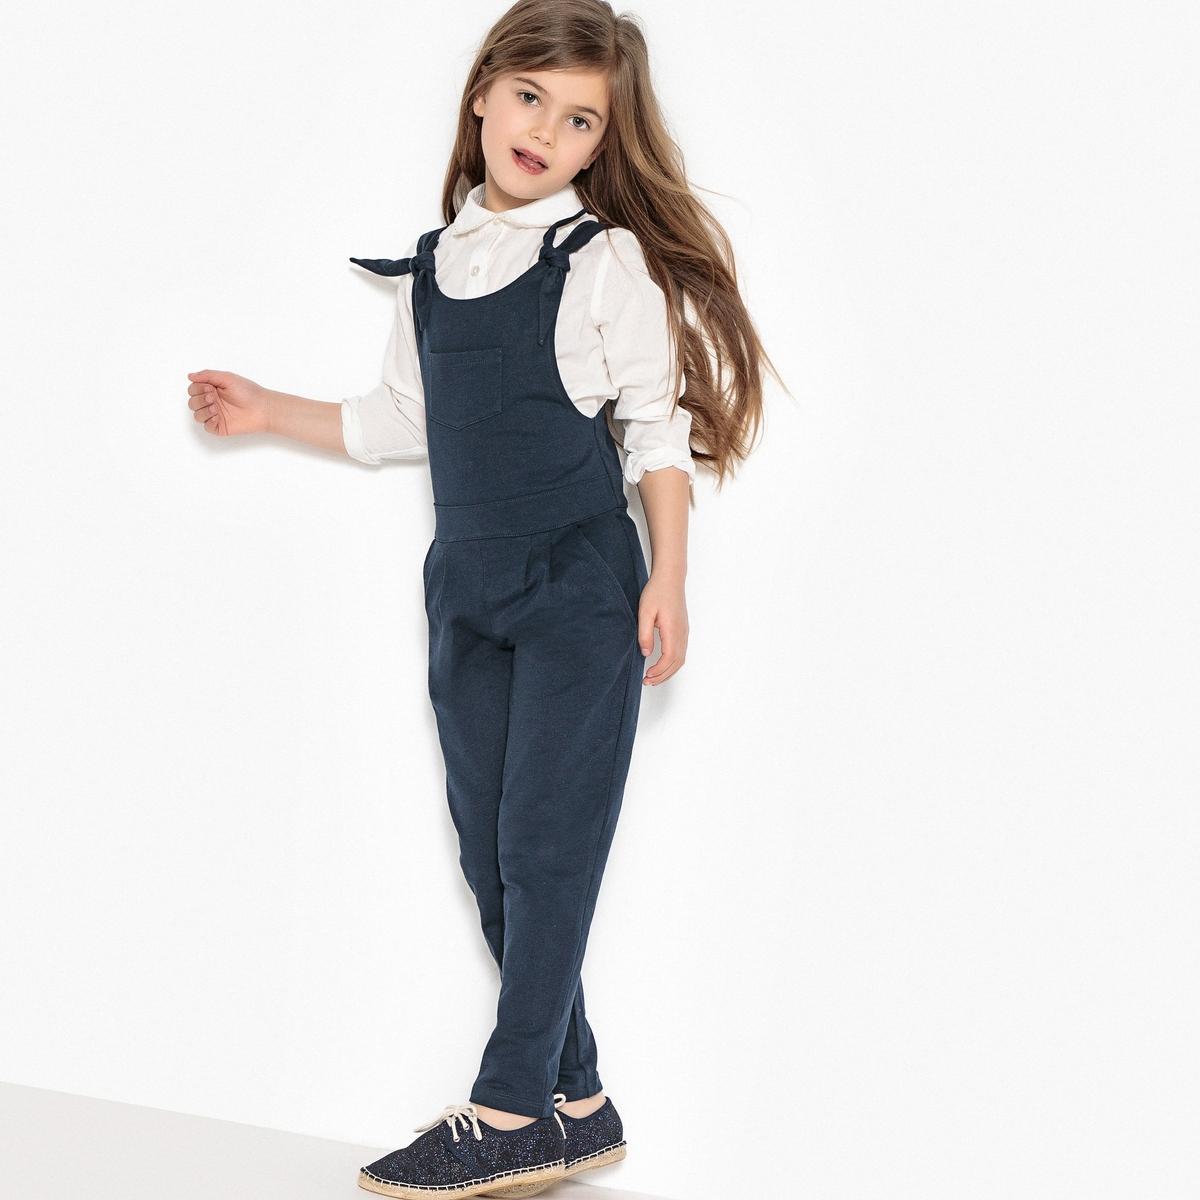 Комбинезон из мольтона, 3-12 лет брюки спортивные из мольтона на 3 12 лет